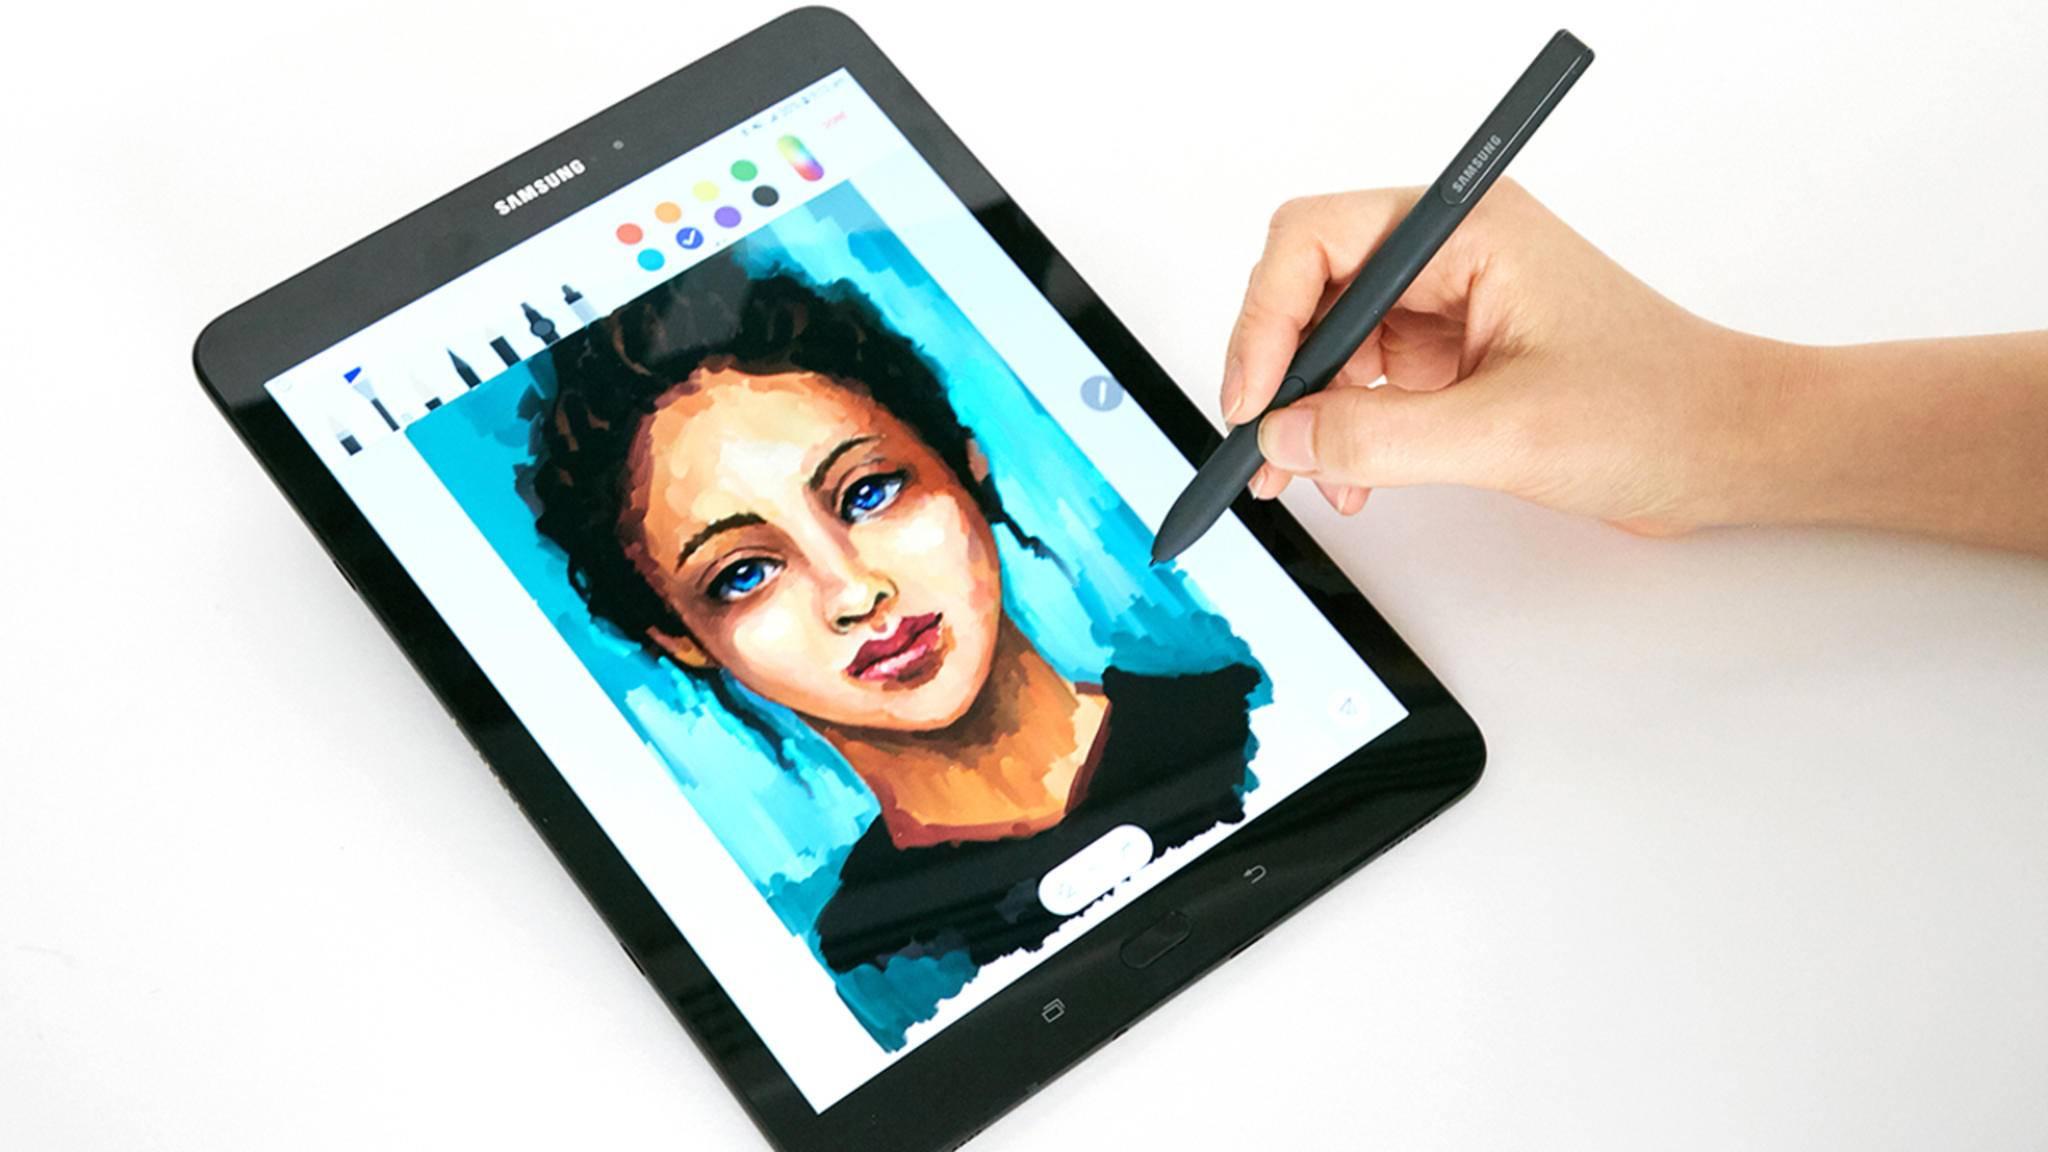 Auf Samsungs MWC-Pressekonferenz wurde das Galaxy Tab S3 vorgestellt.